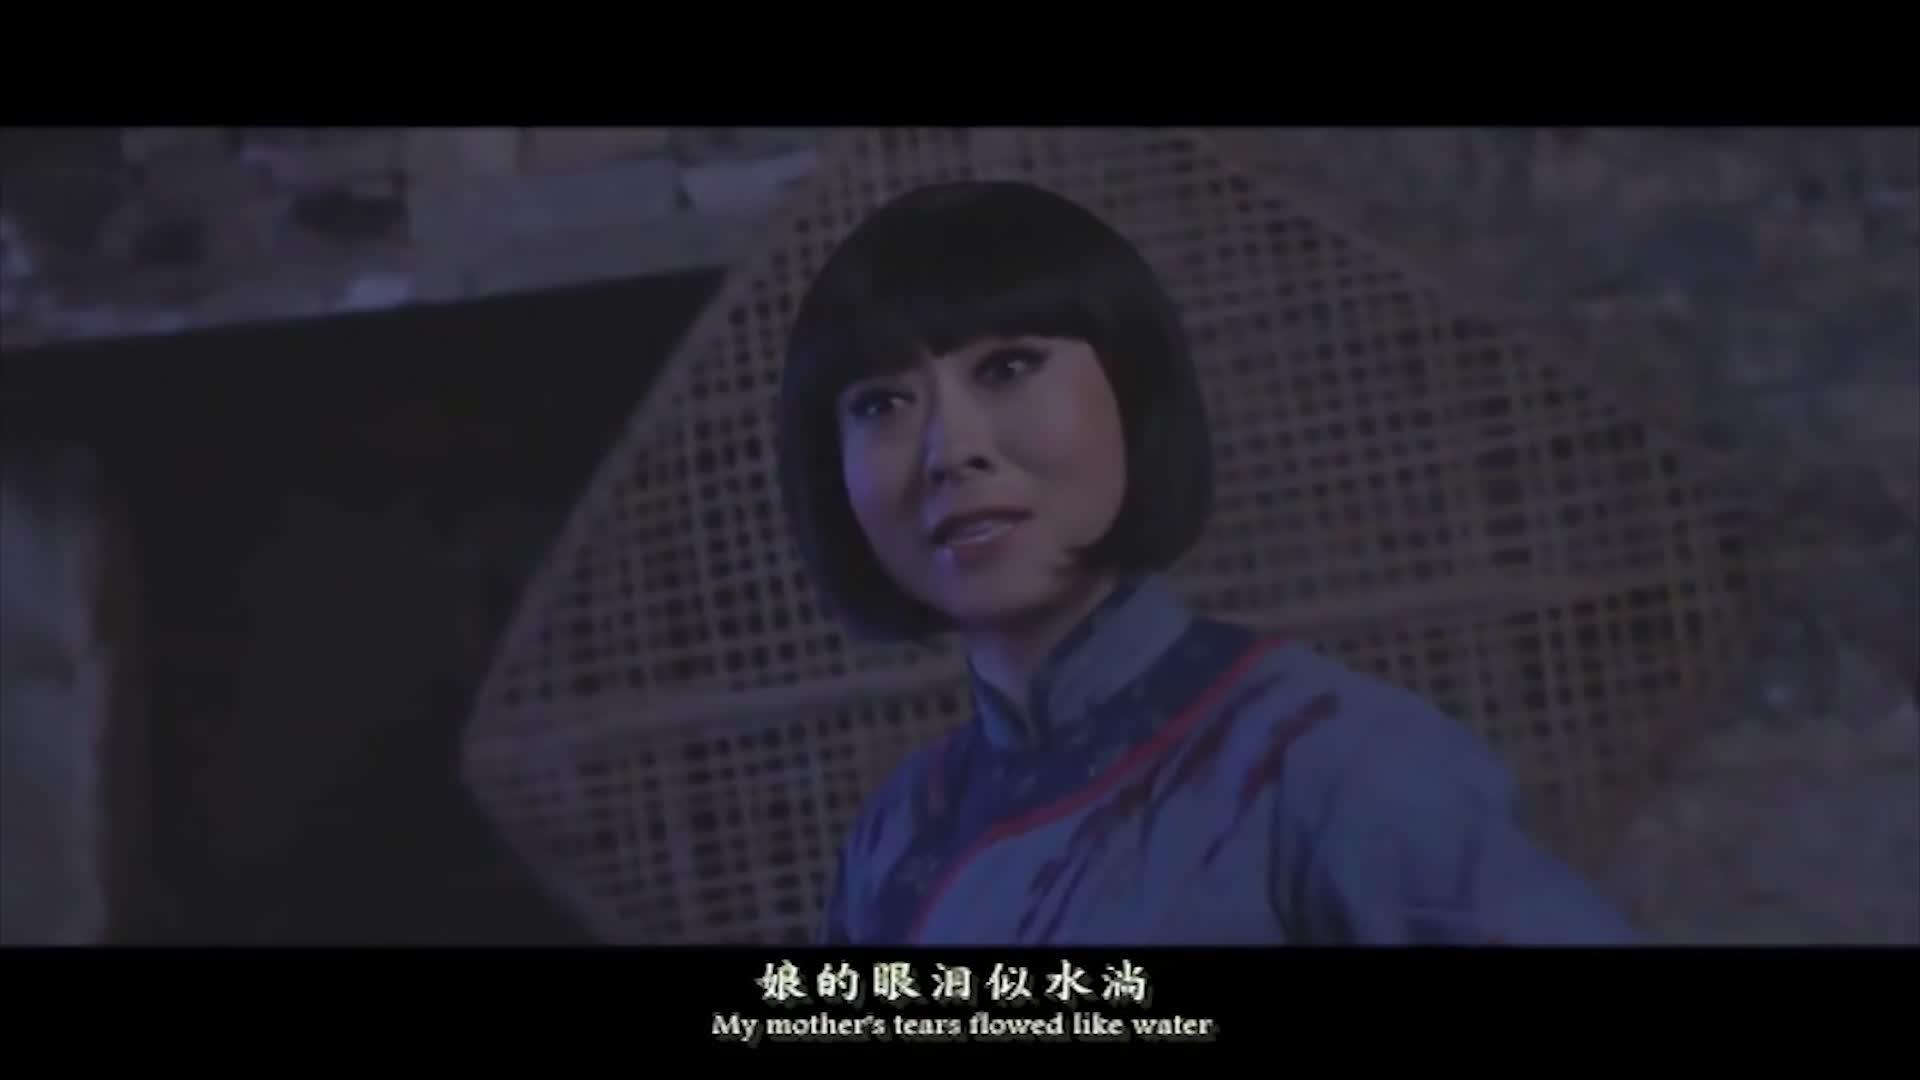 《洪湖赤卫队》--魏艳妮